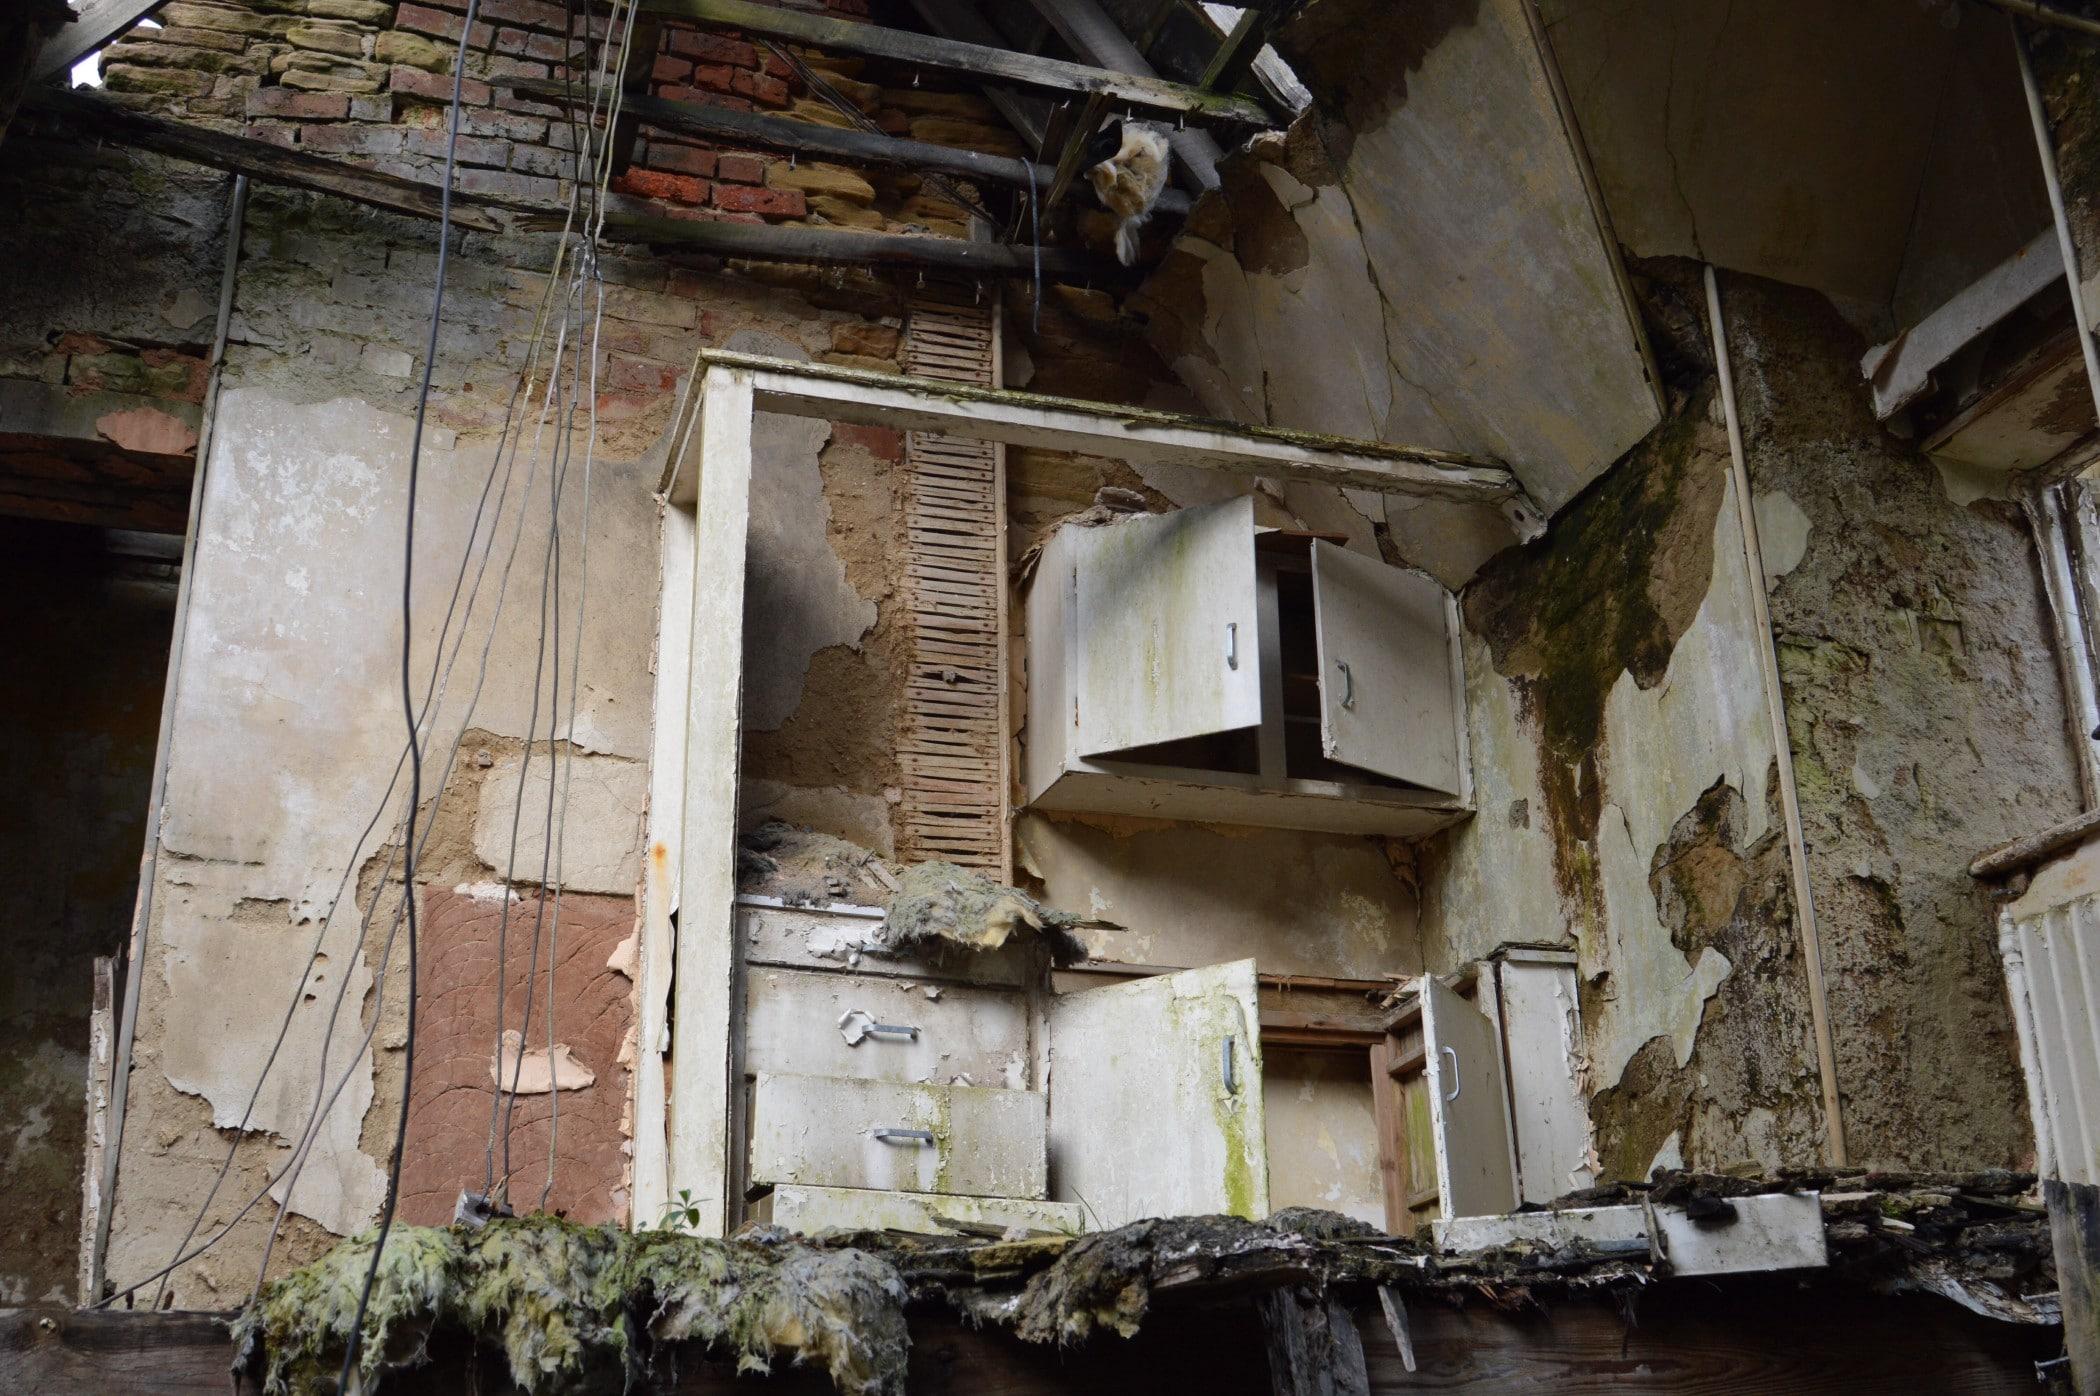 Eine Immobilie, die erheblich renovierungsbedürftig ist. Foto: dr.gjones7 via Twenty20